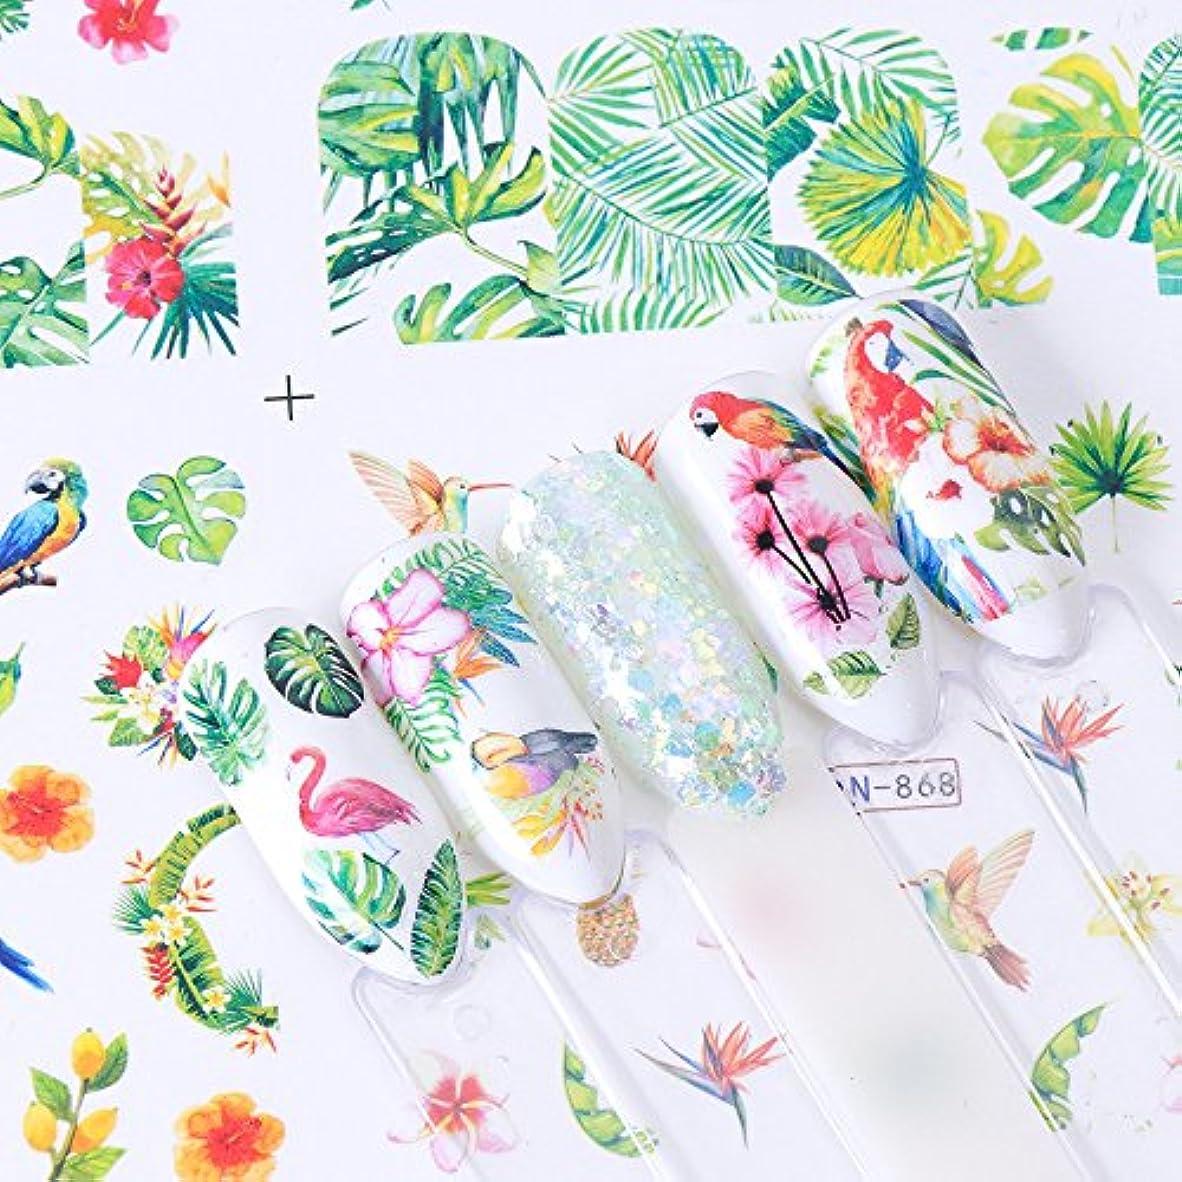 失礼な写真を描くクモ12枚セット フラミンゴ 熱帯植物 モンステラネイルシール ウォーターネイルシール ジェルネイル セルフネイル レジン フラミンゴ 鳥 夏 トロピカル 南国 ピンクネイルシール ピンクフラミンゴシール ピンク